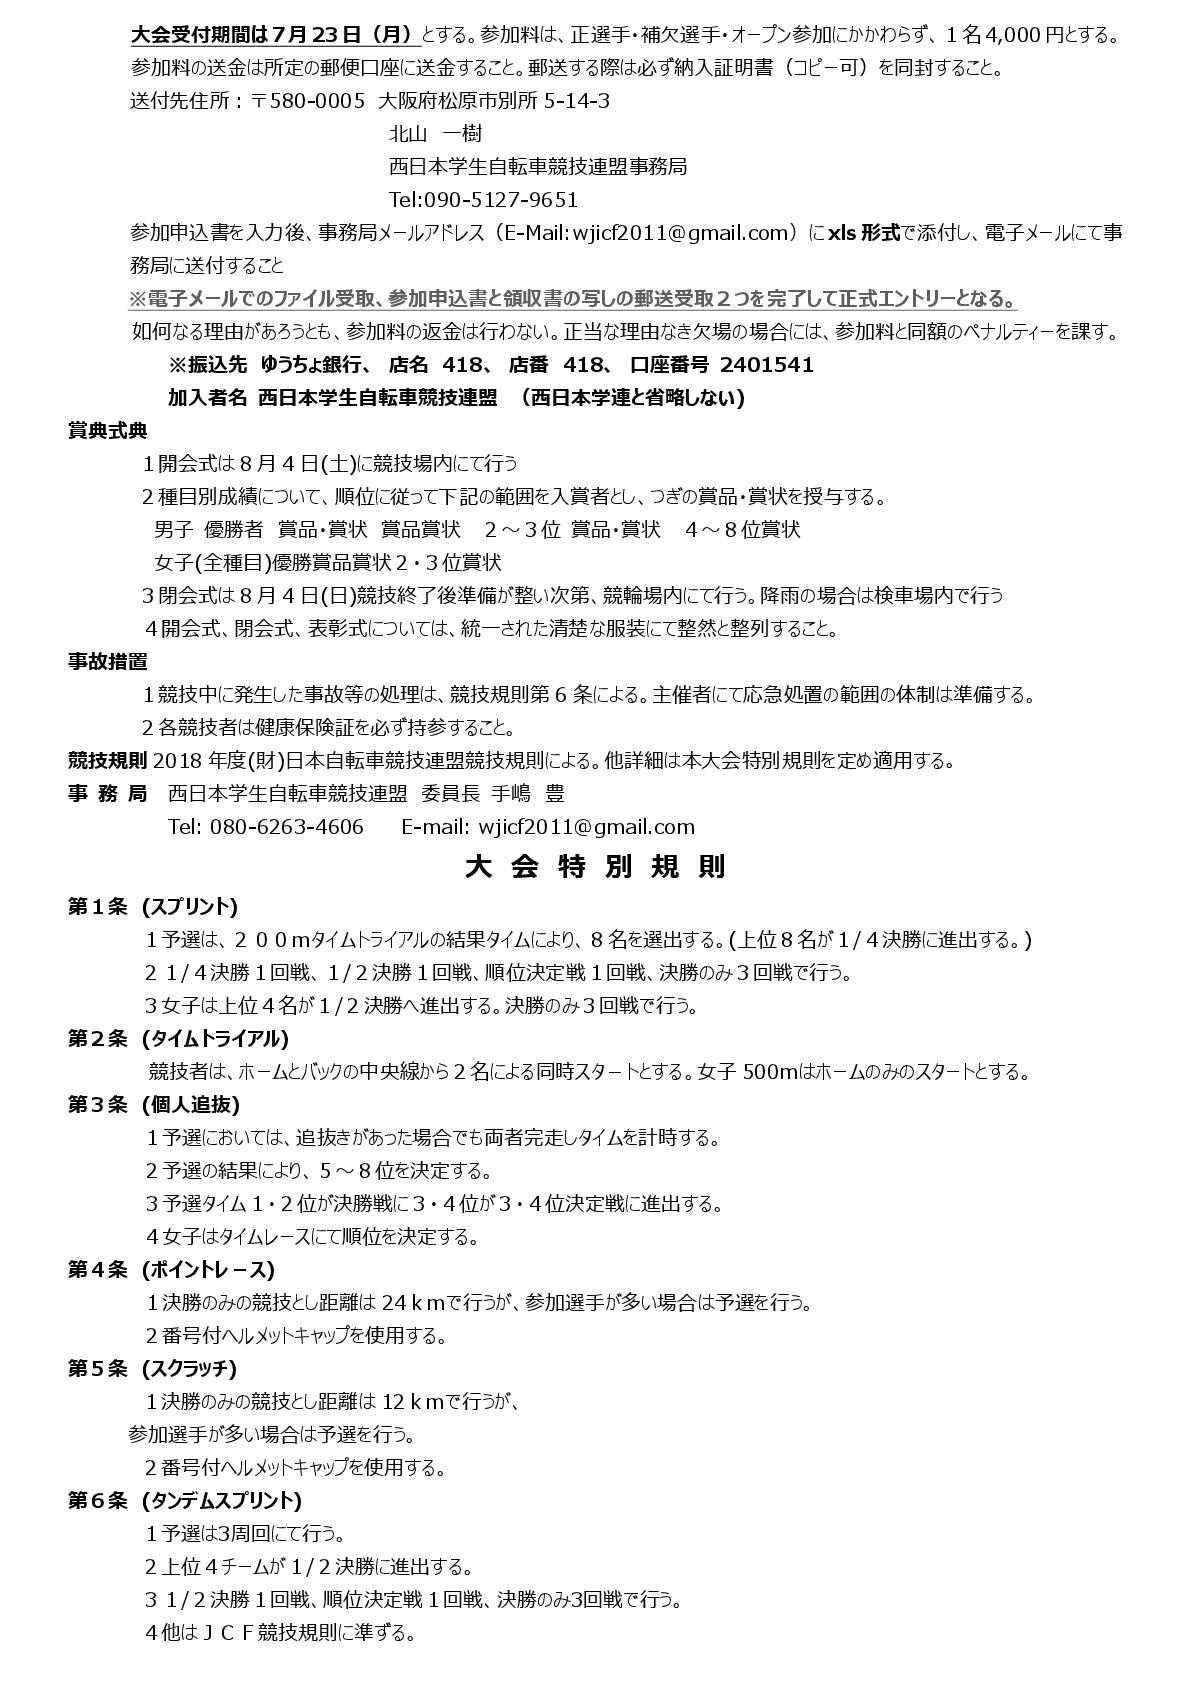 16w_ic_yoko_160624_02